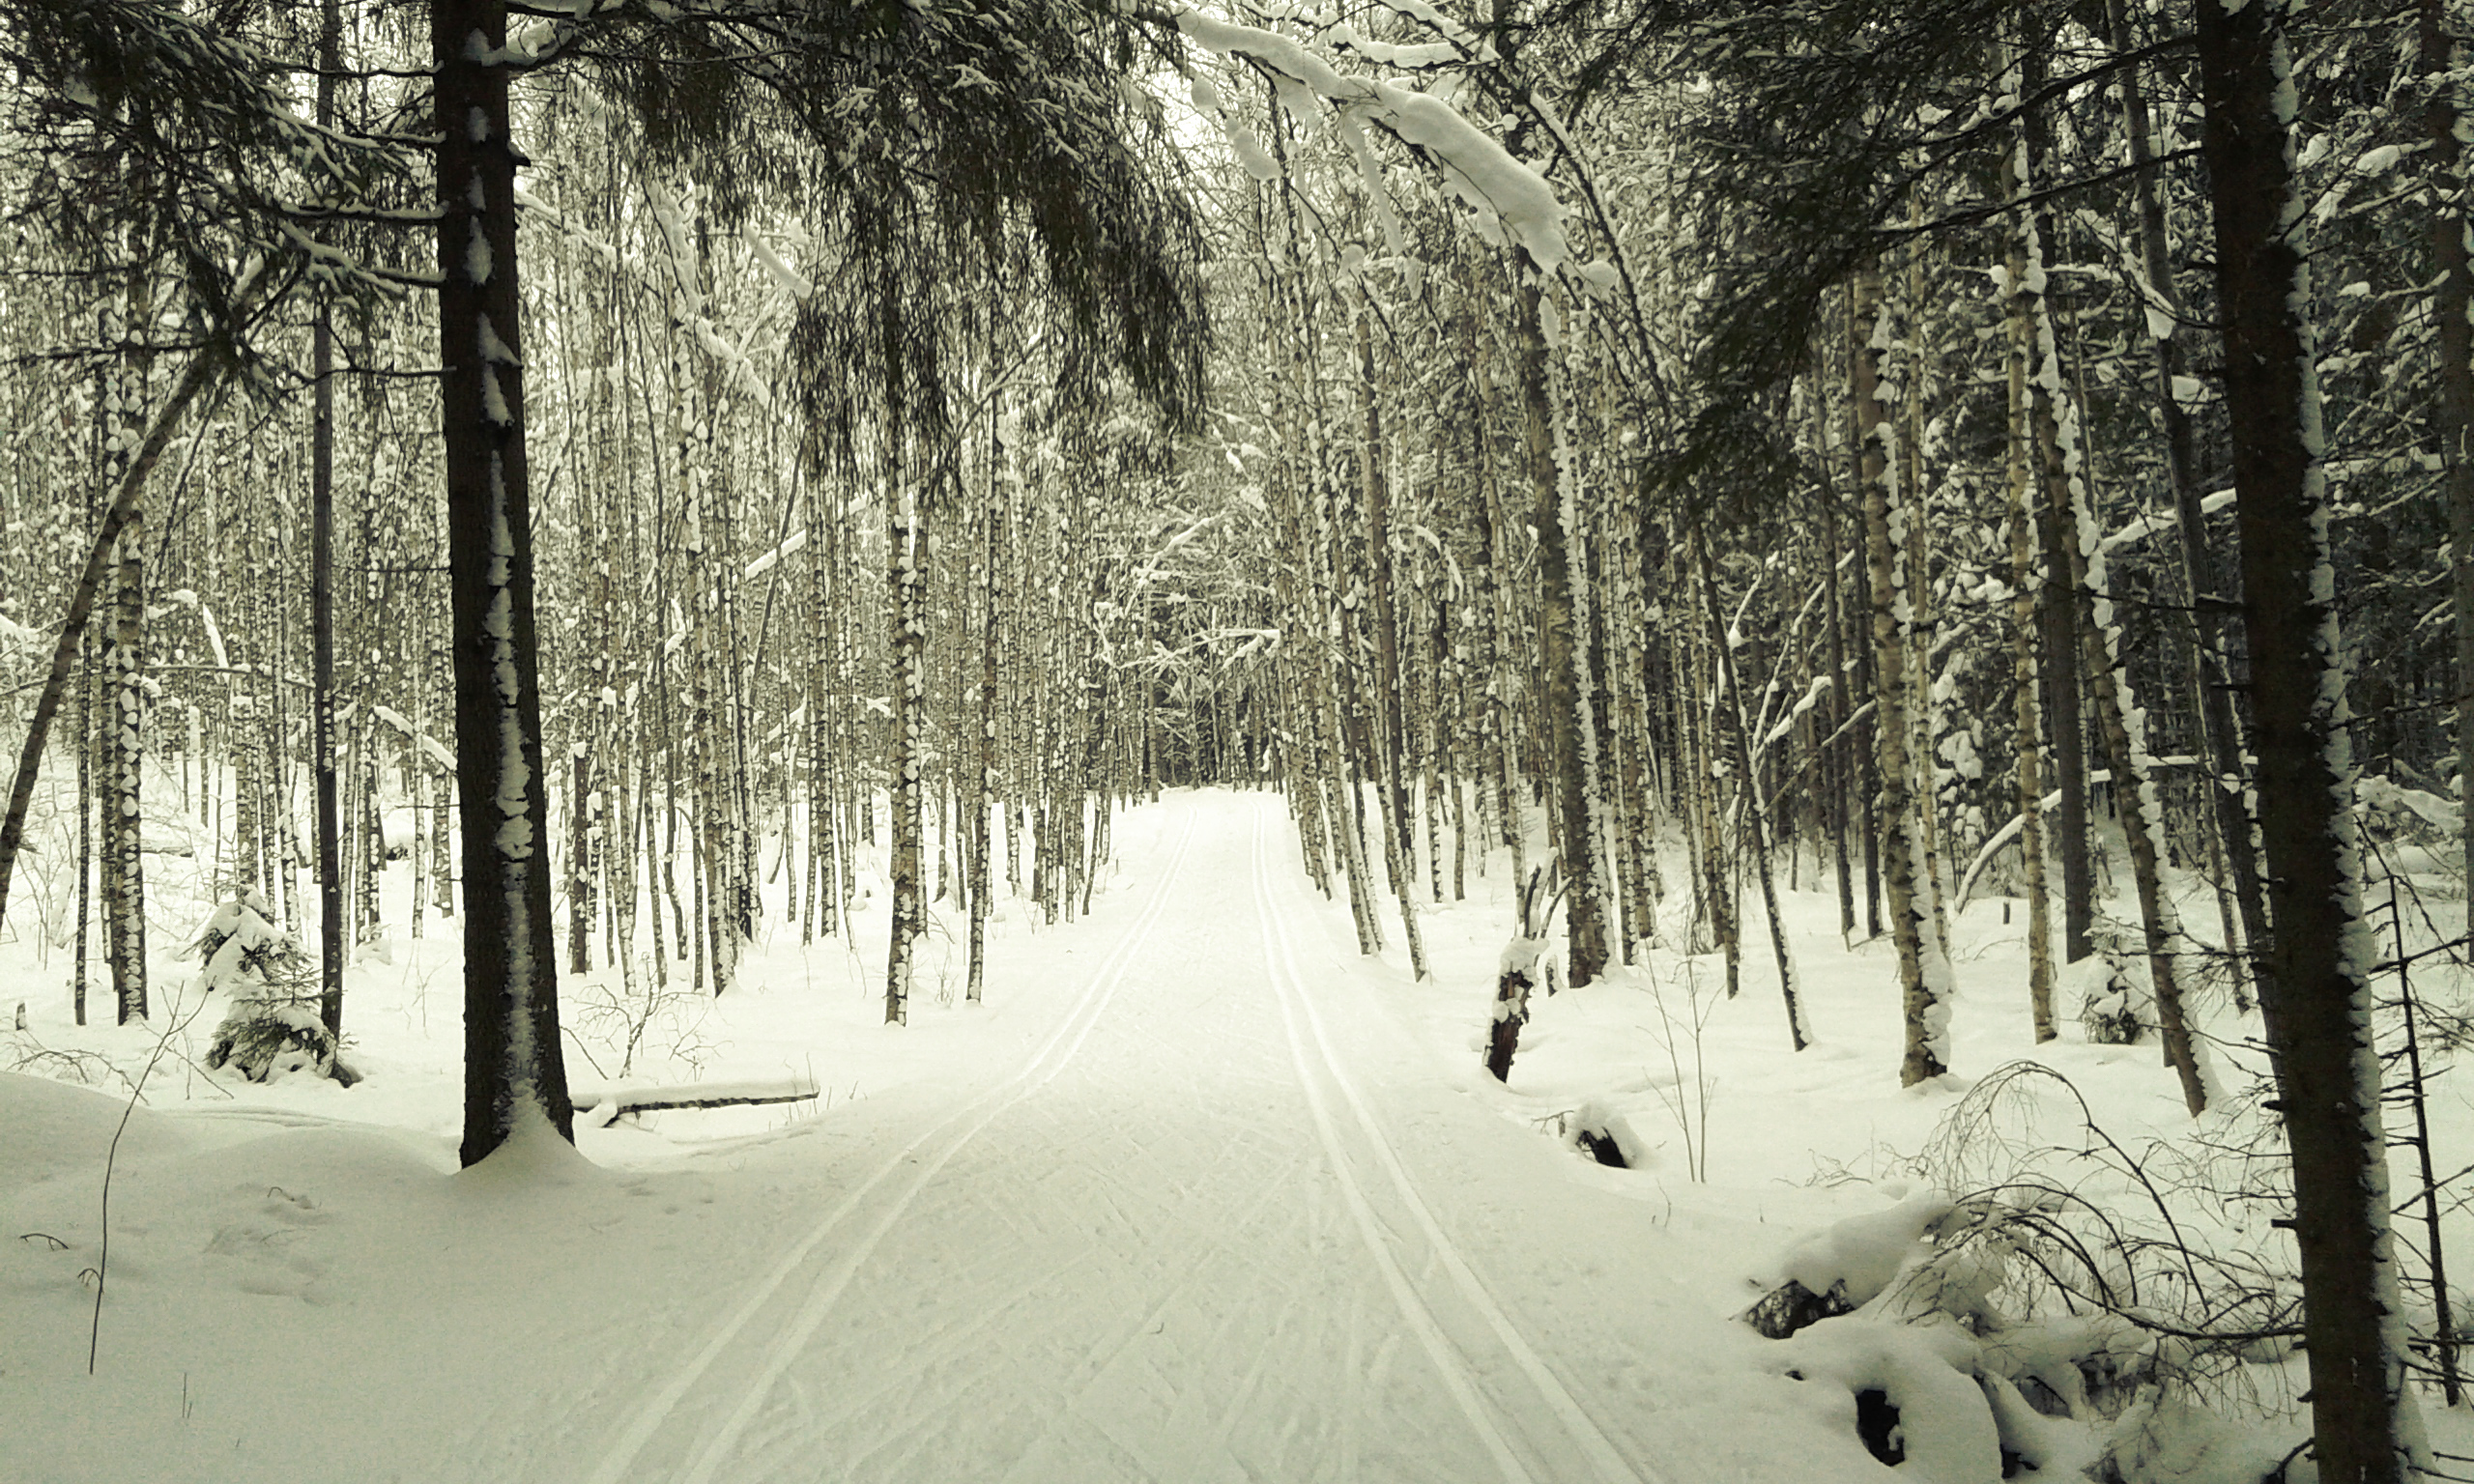 talvinen maisema jossa edessä avautuu latupari koivikon halki uralla